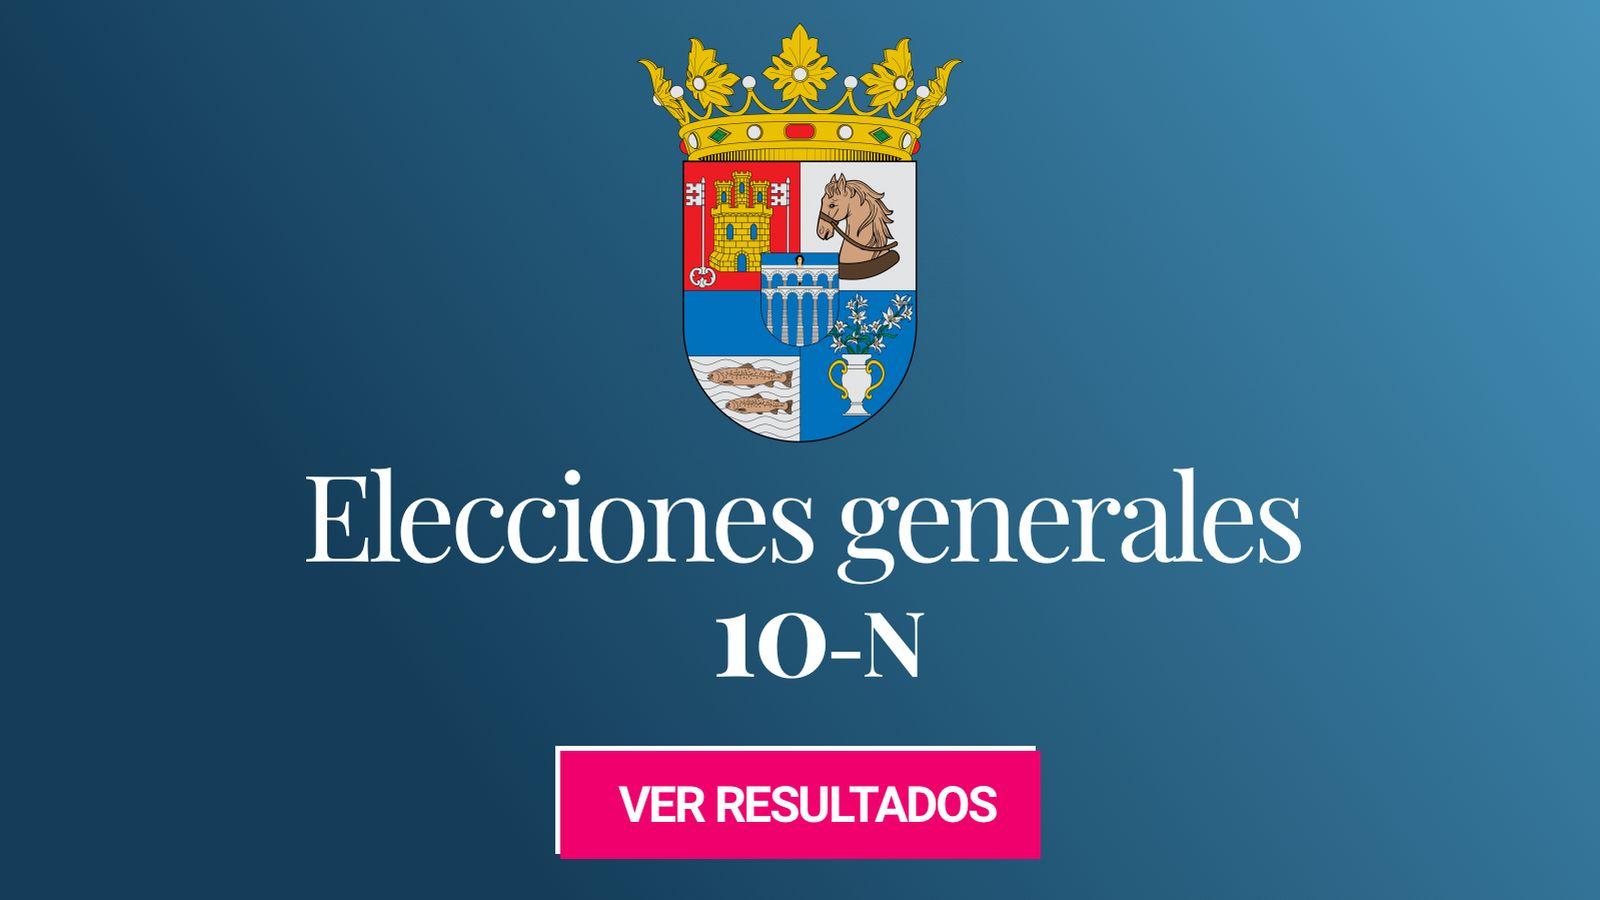 Foto: Elecciones generales 2019 en la provincia de Segovia. (C.C./HansenBCN)